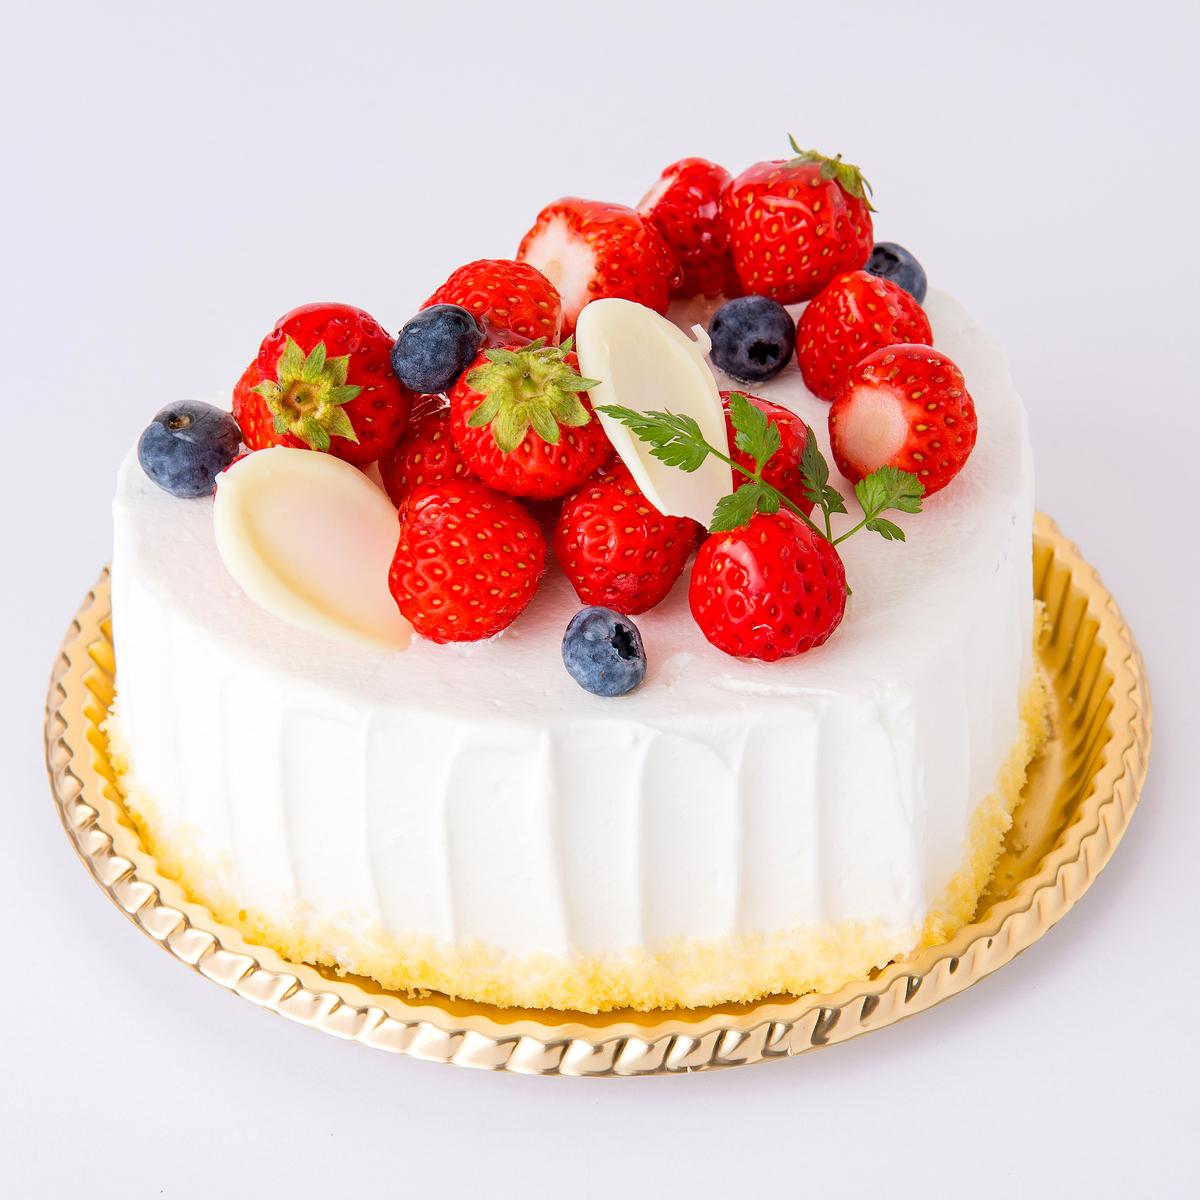 名古屋でおすすめのケーキ屋さん53選人気のこだわり誕生日ケーキまとめ